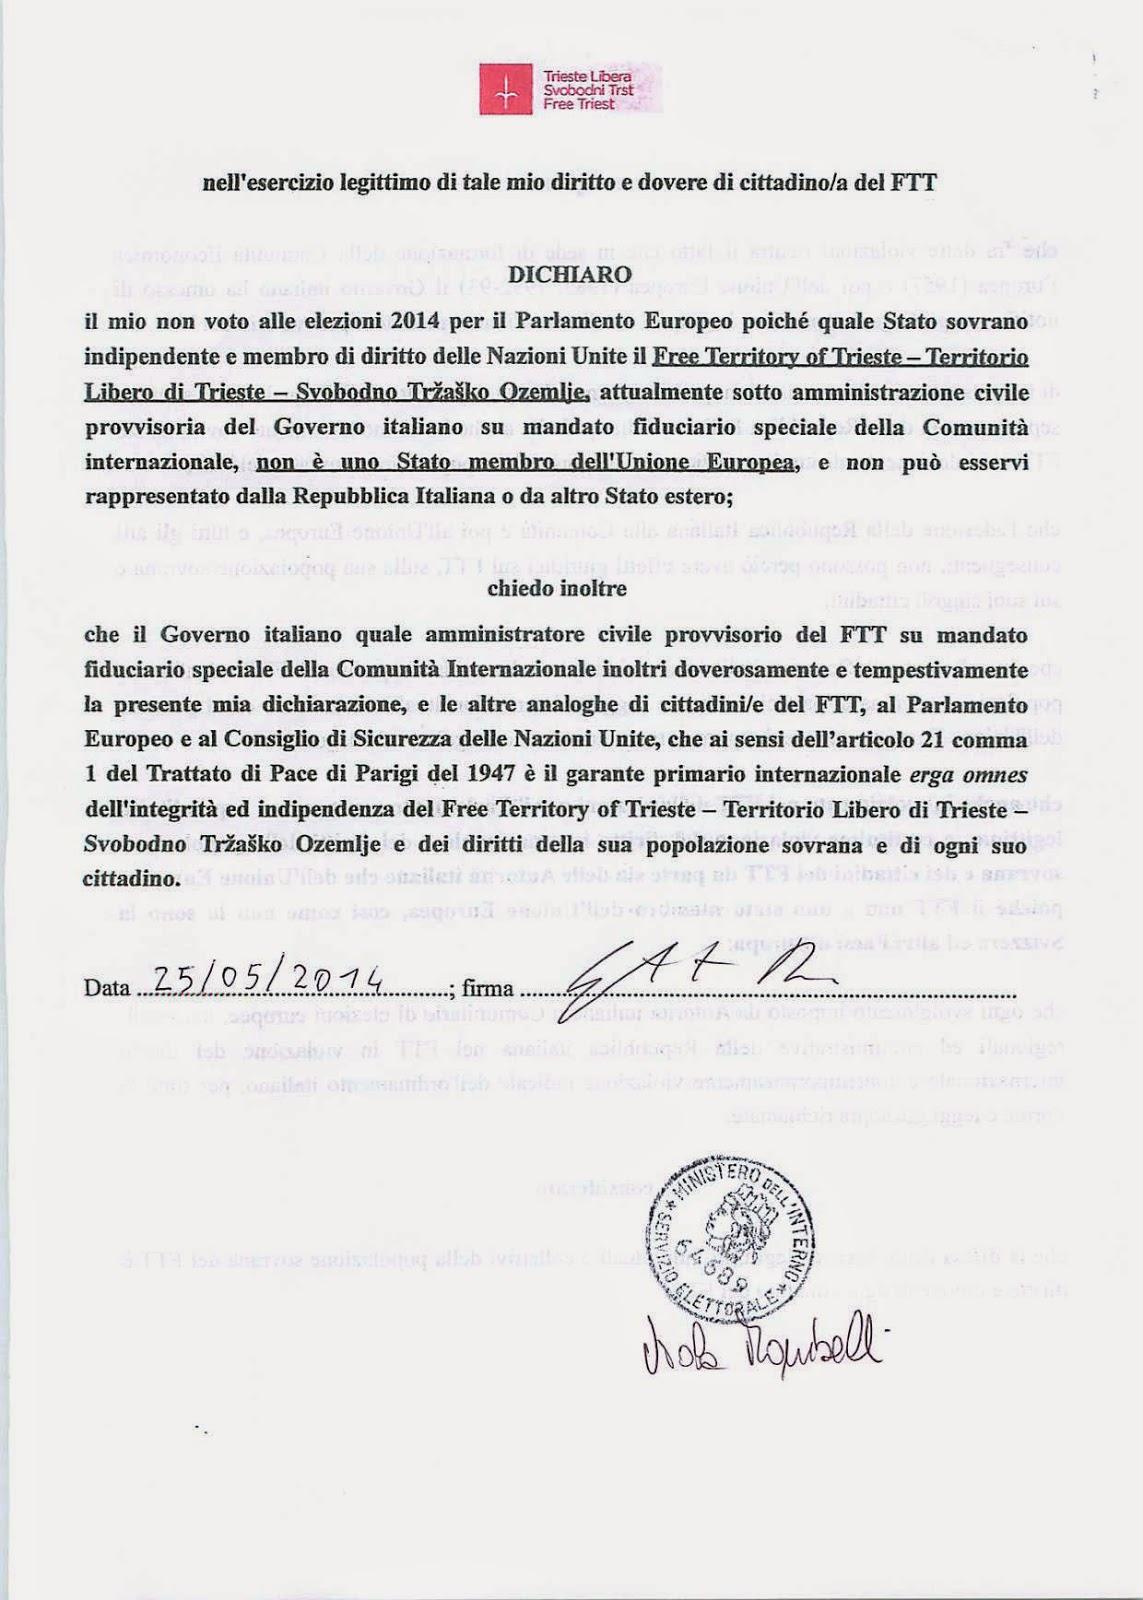 dichiarazione_non_voto_europee_roby_Pagina_4